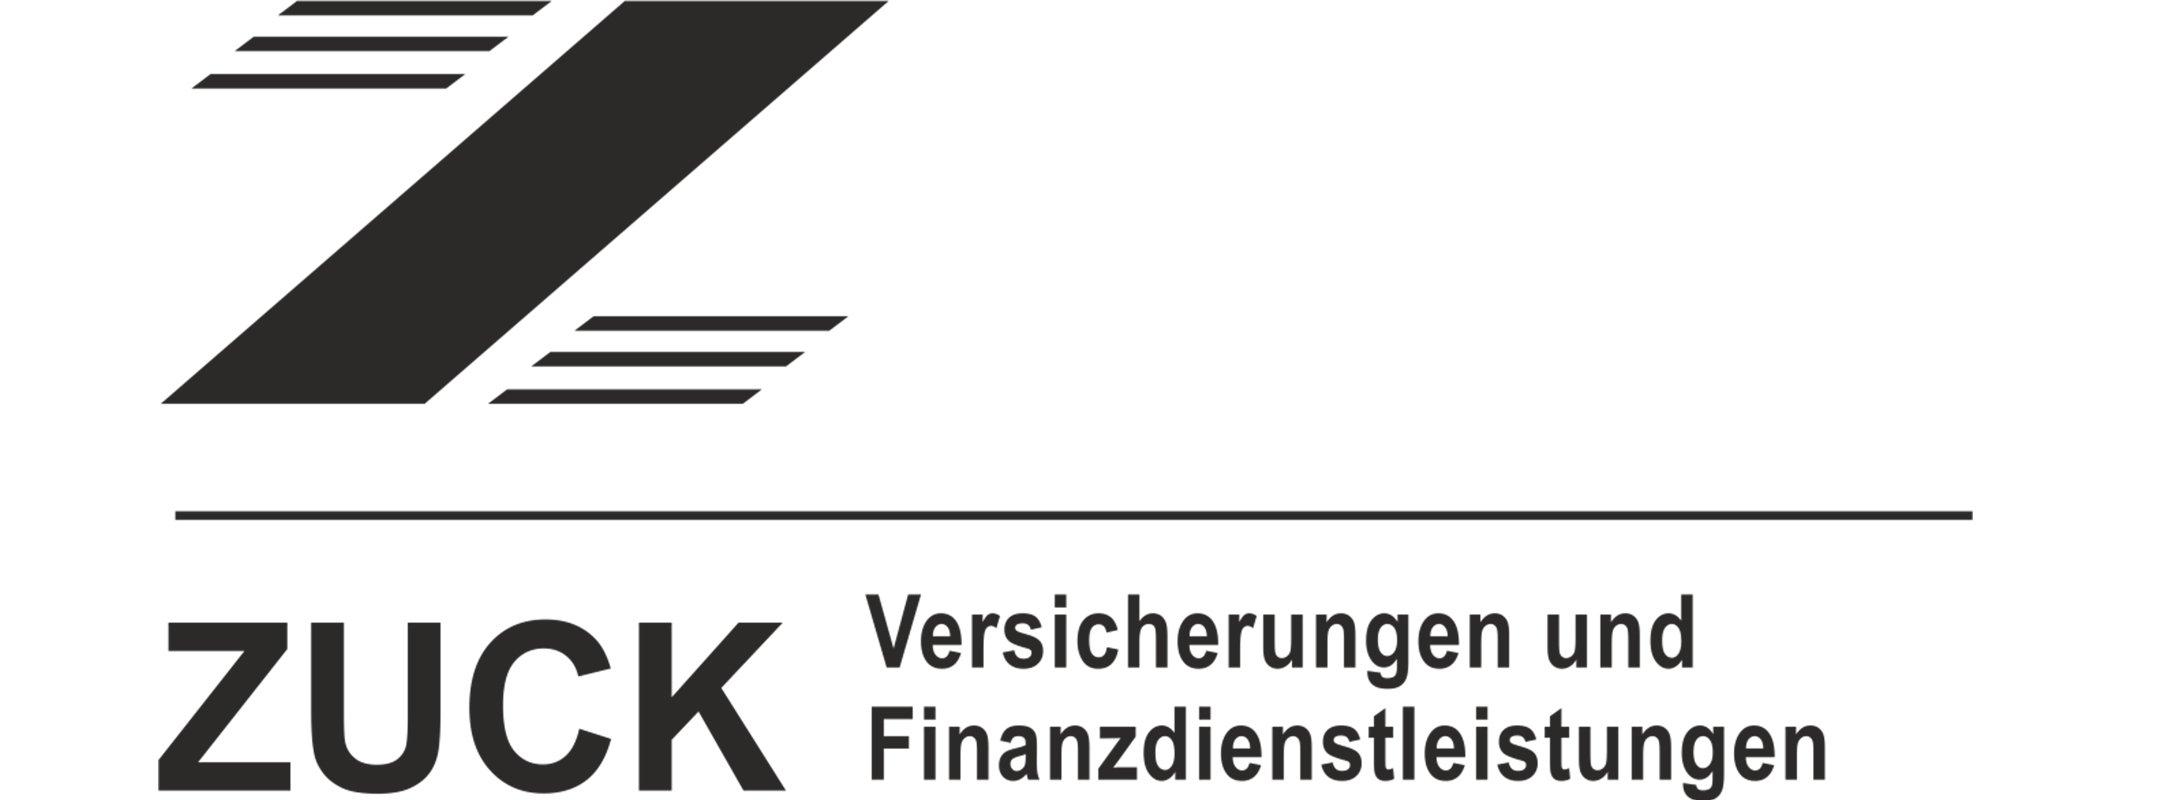 Reiseversicherungen Zuck Versicherungen Finanzdienstleistungen